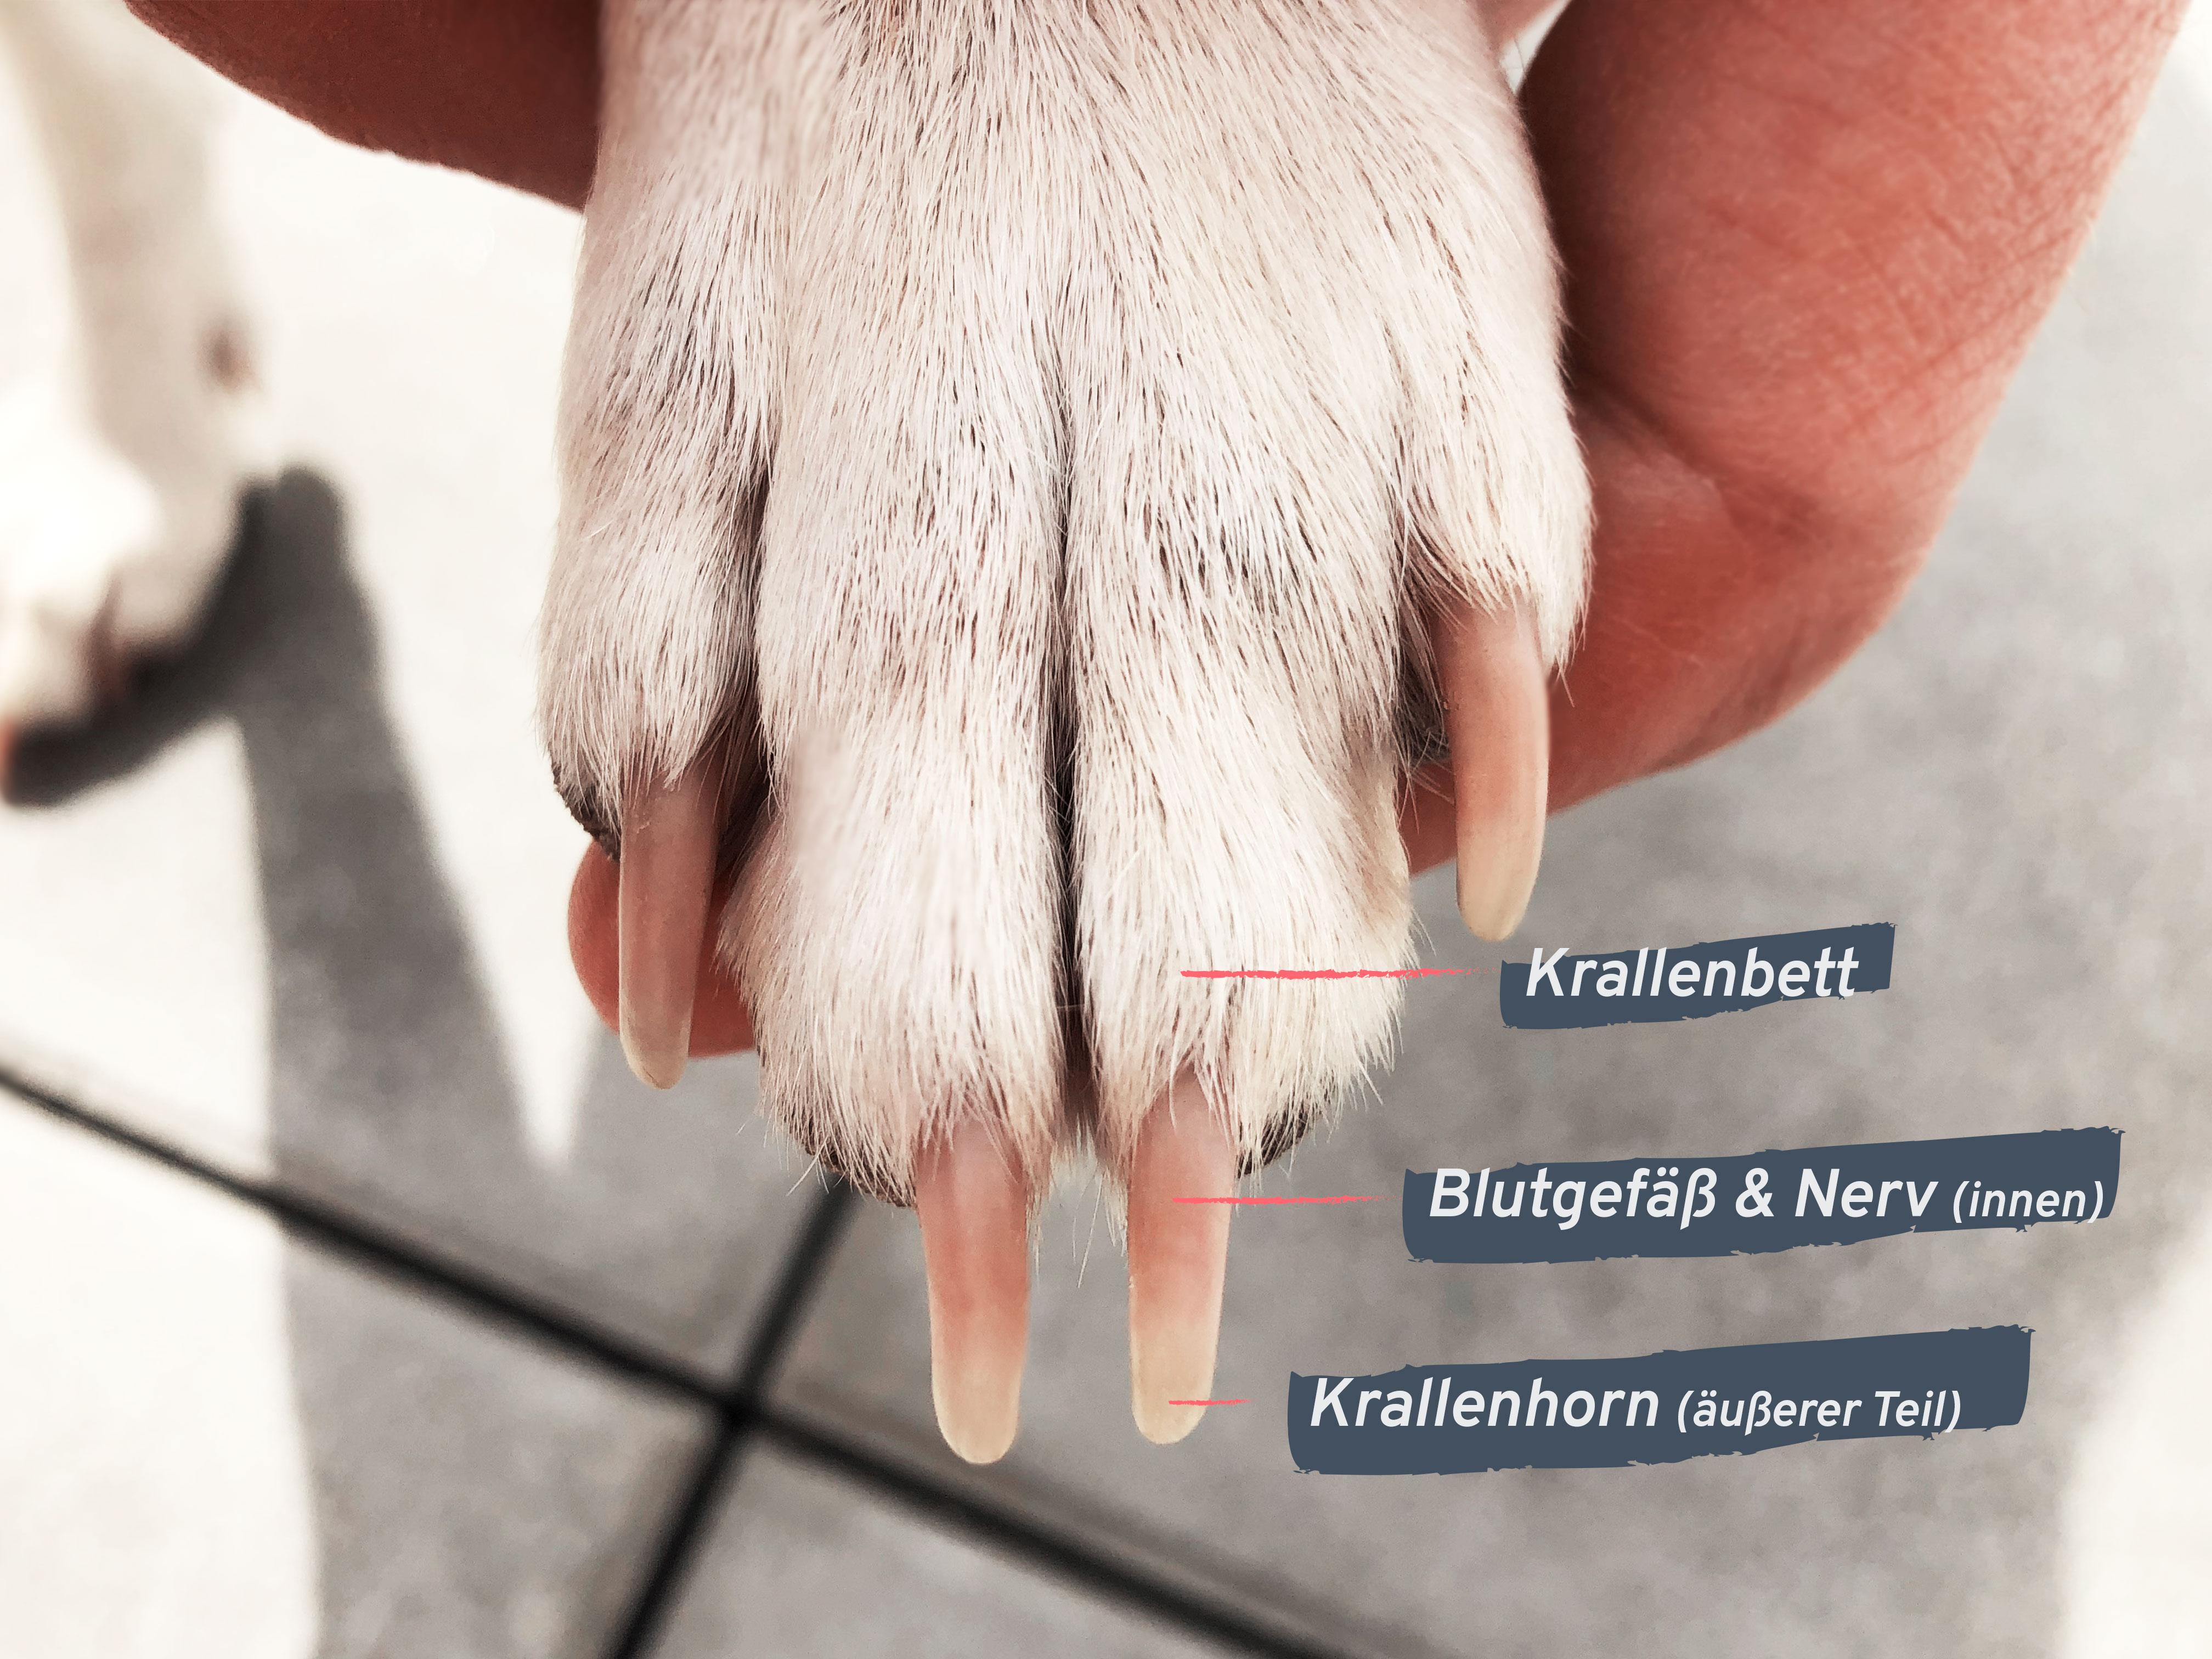 erste hilfe bei einer krallenverletzung vom hund isle of dogs. Black Bedroom Furniture Sets. Home Design Ideas